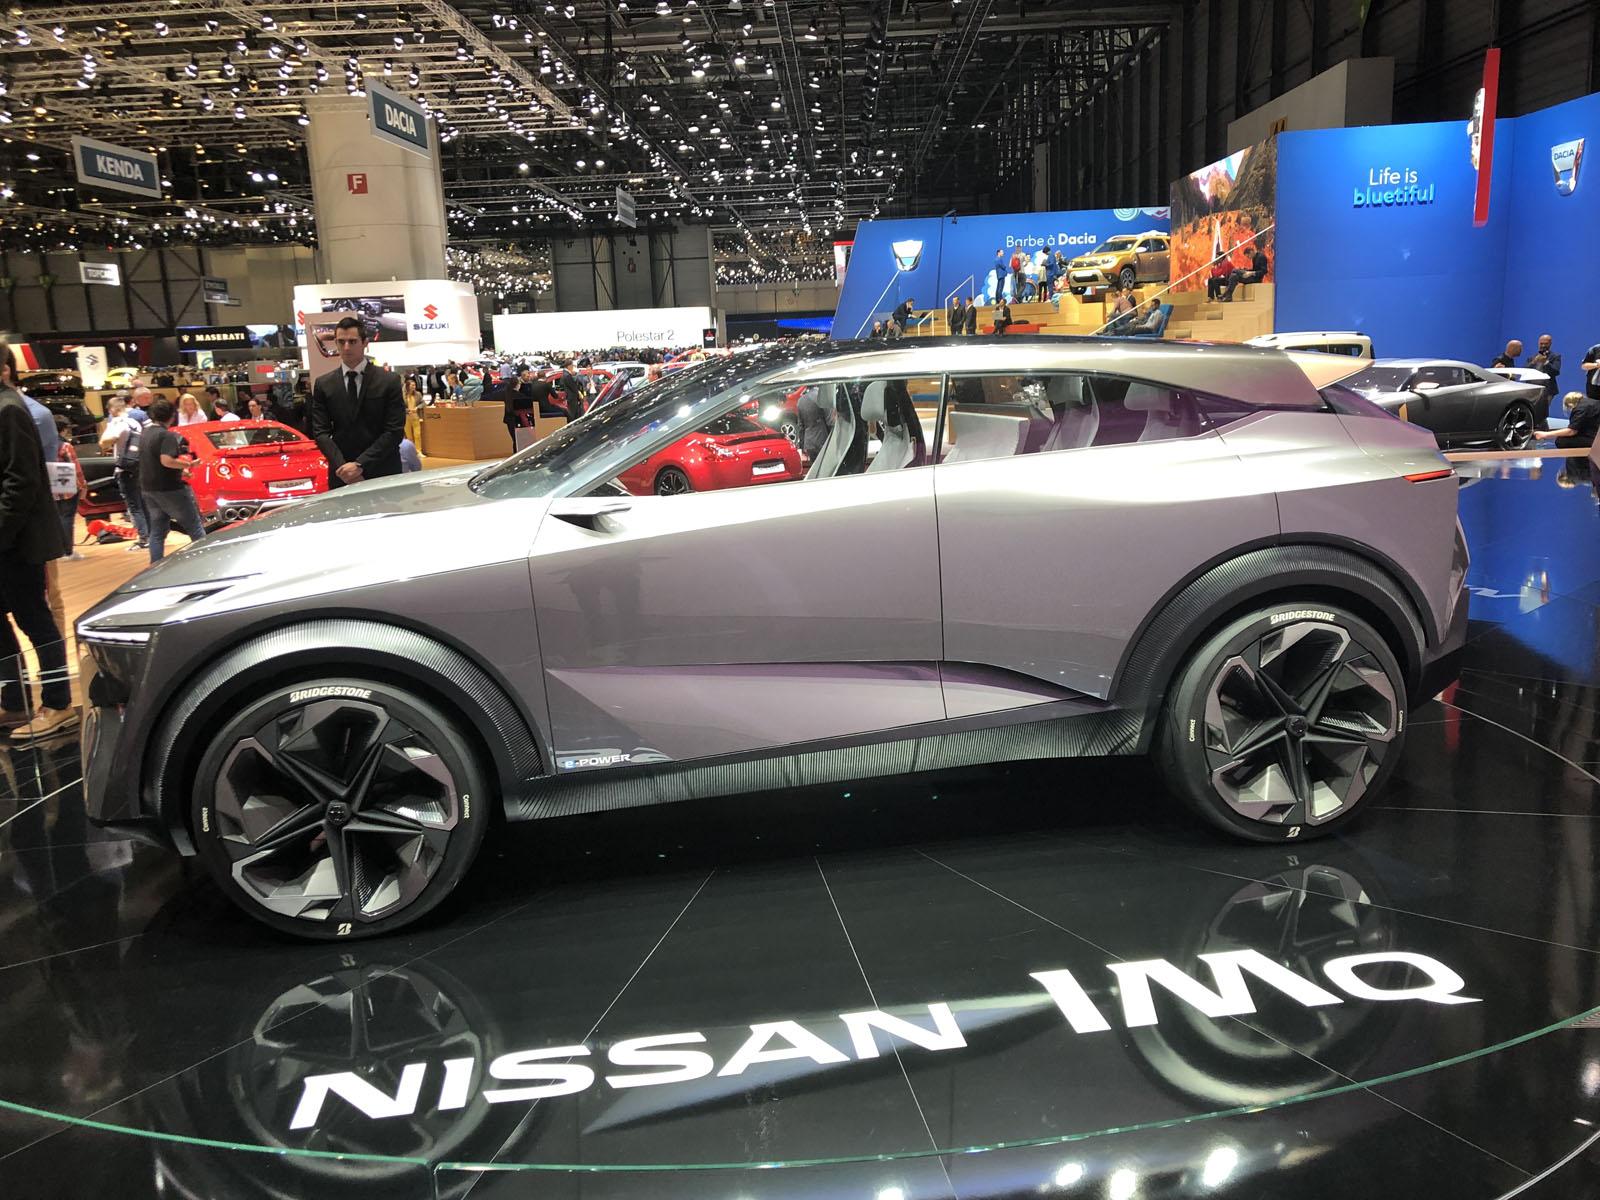 2020 Nissan Qashqai, IMQ Concept Seen at 2019 Geneva Motor ...